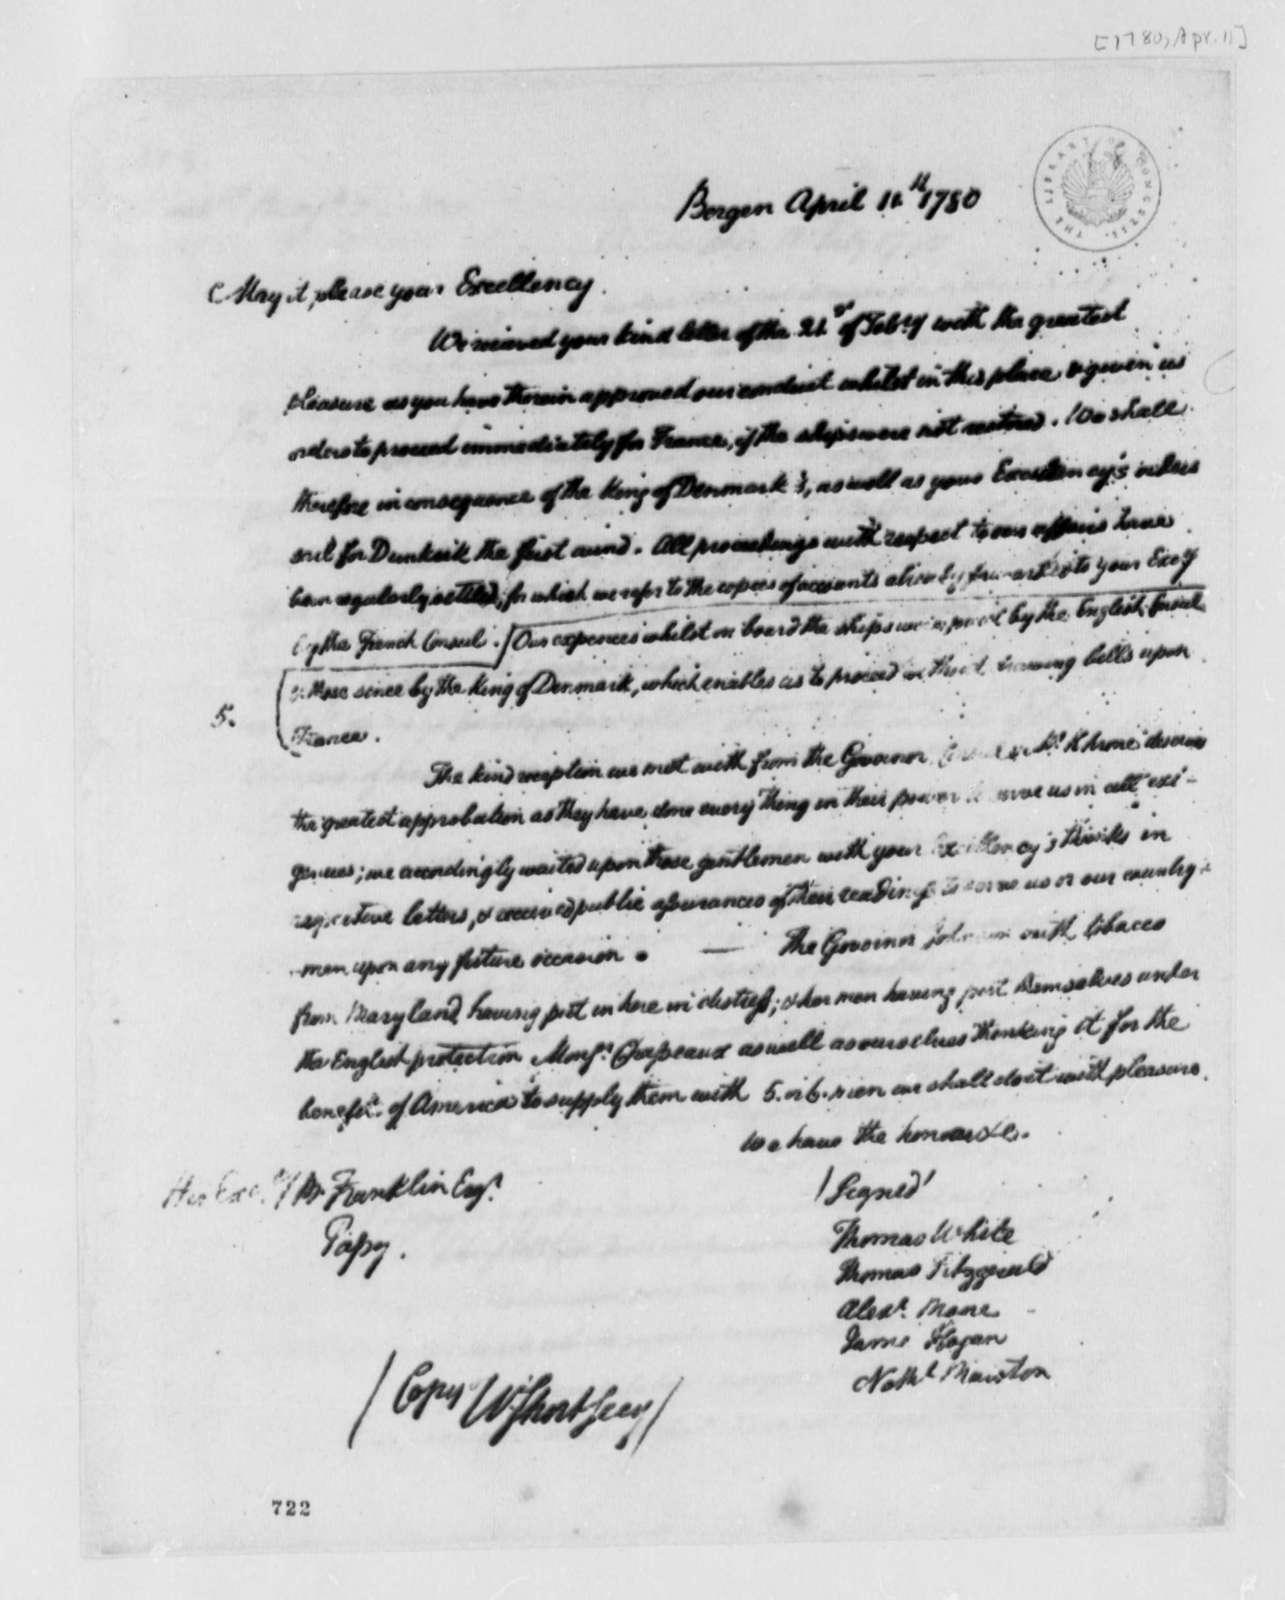 Thomas White, et al to Benjamin Franklin, April 11, 1780